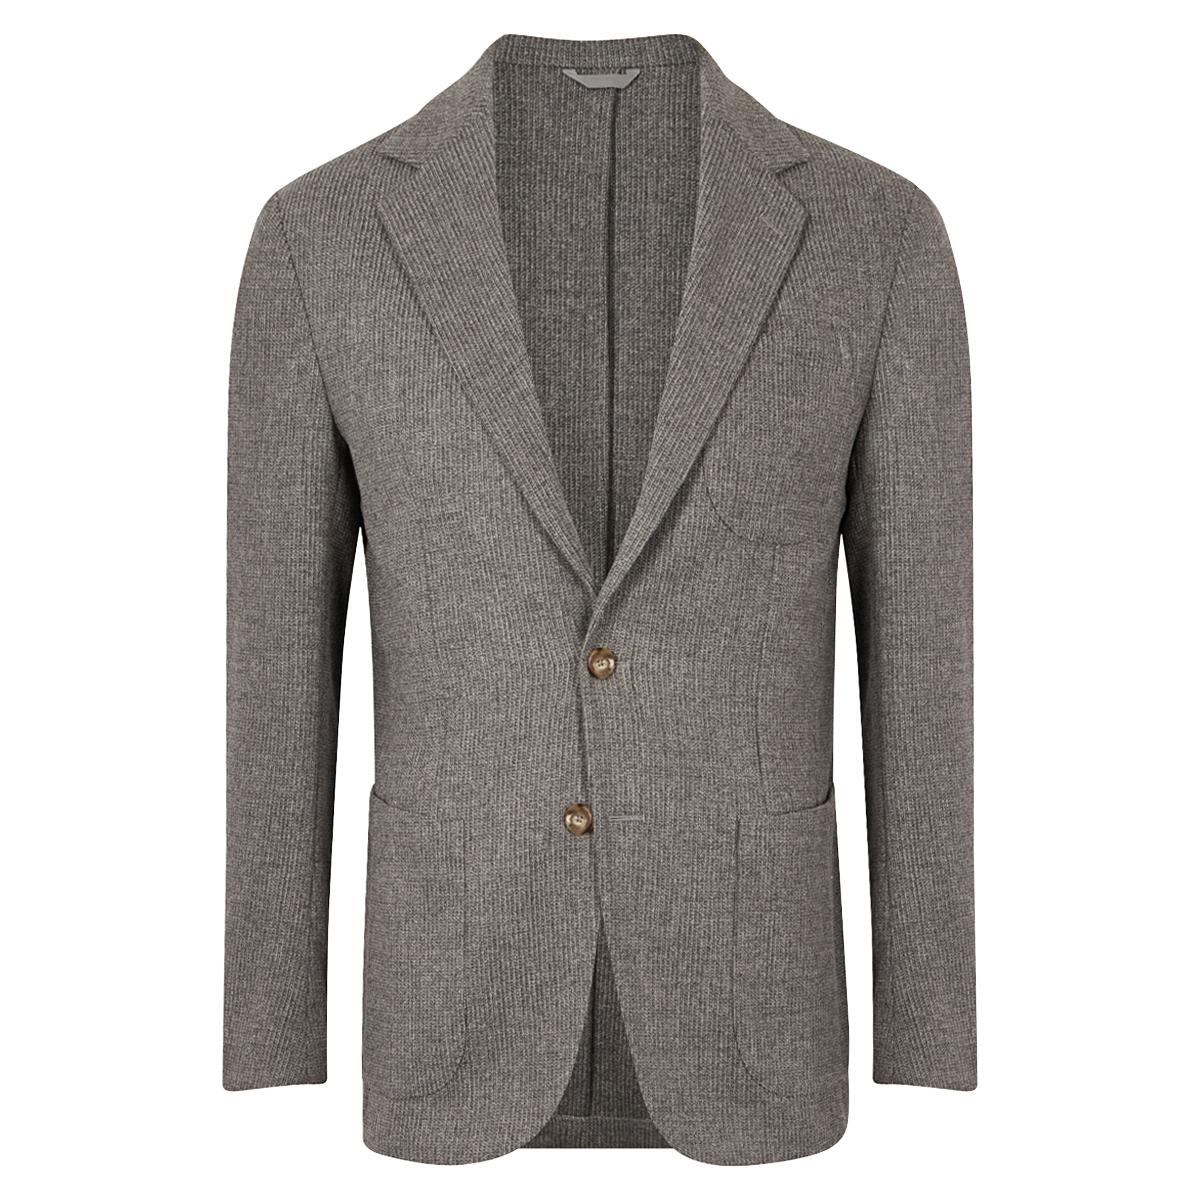 Grey Patch Pocket Jacket